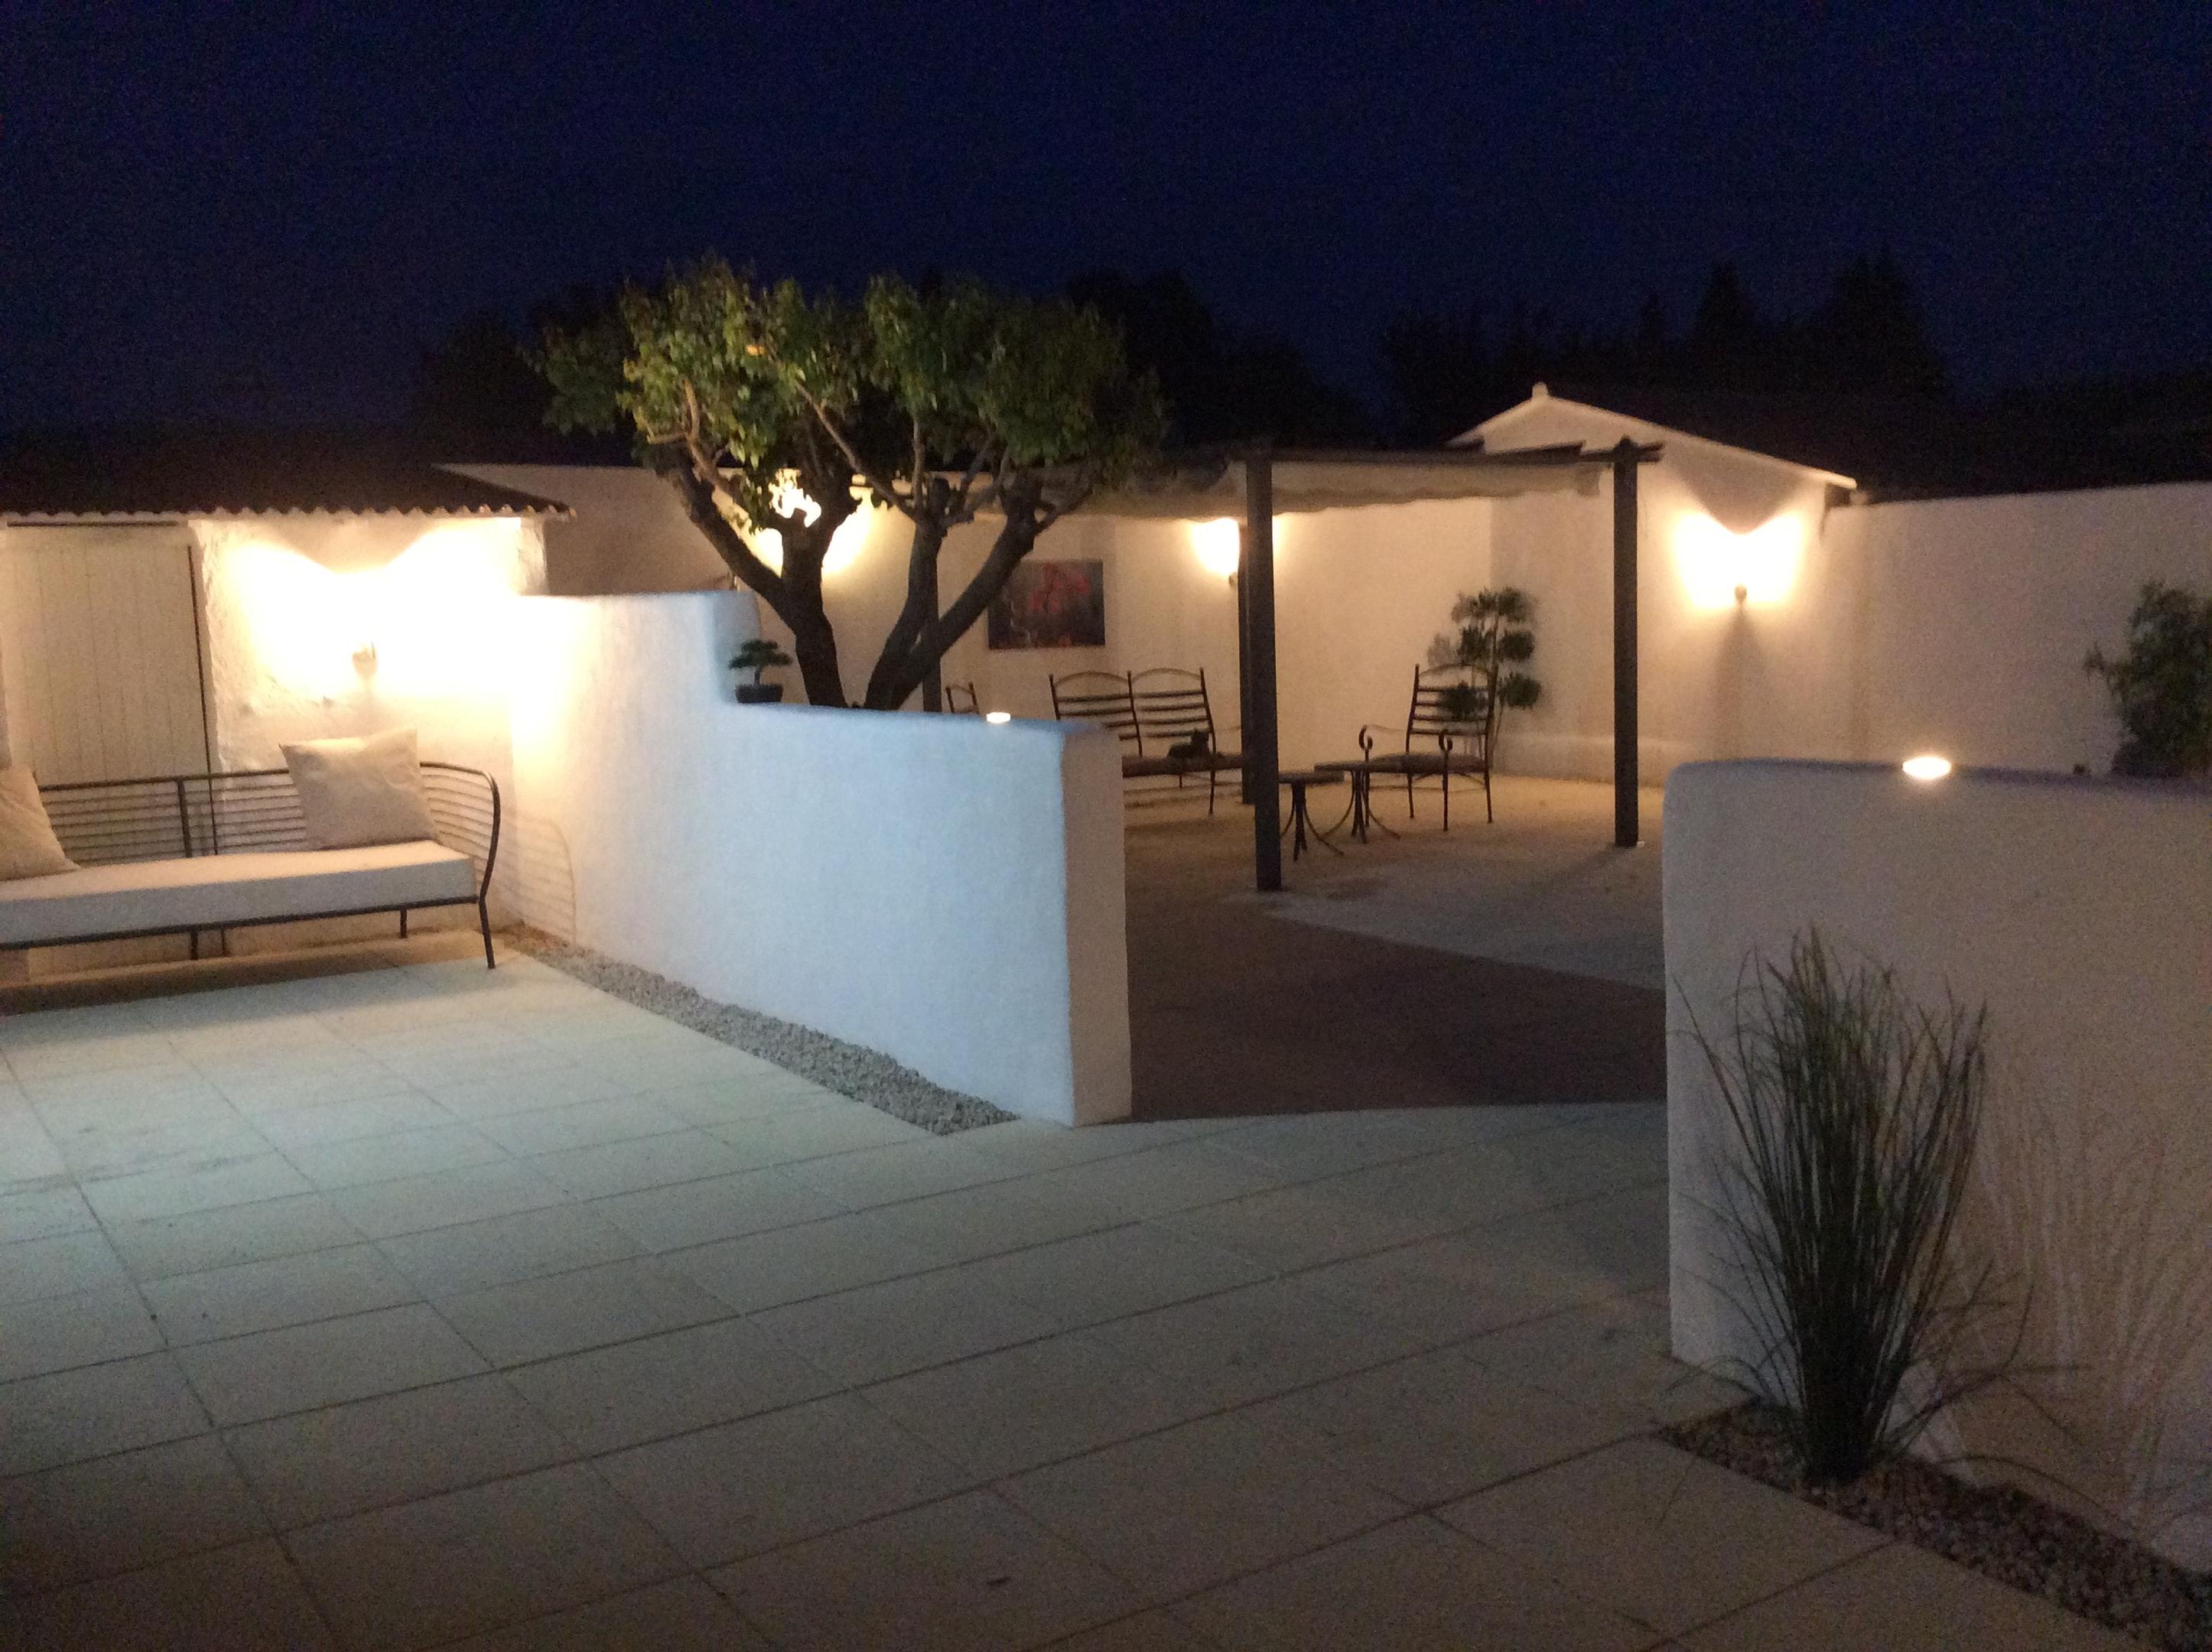 Maison de vacances Villa mit 3 Schlafzimmern in L'Isle-sur-la-Sorgue mit privatem Pool, möblierter Terrasse u (2208394), L'Isle sur la Sorgue, Vaucluse, Provence - Alpes - Côte d'Azur, France, image 2